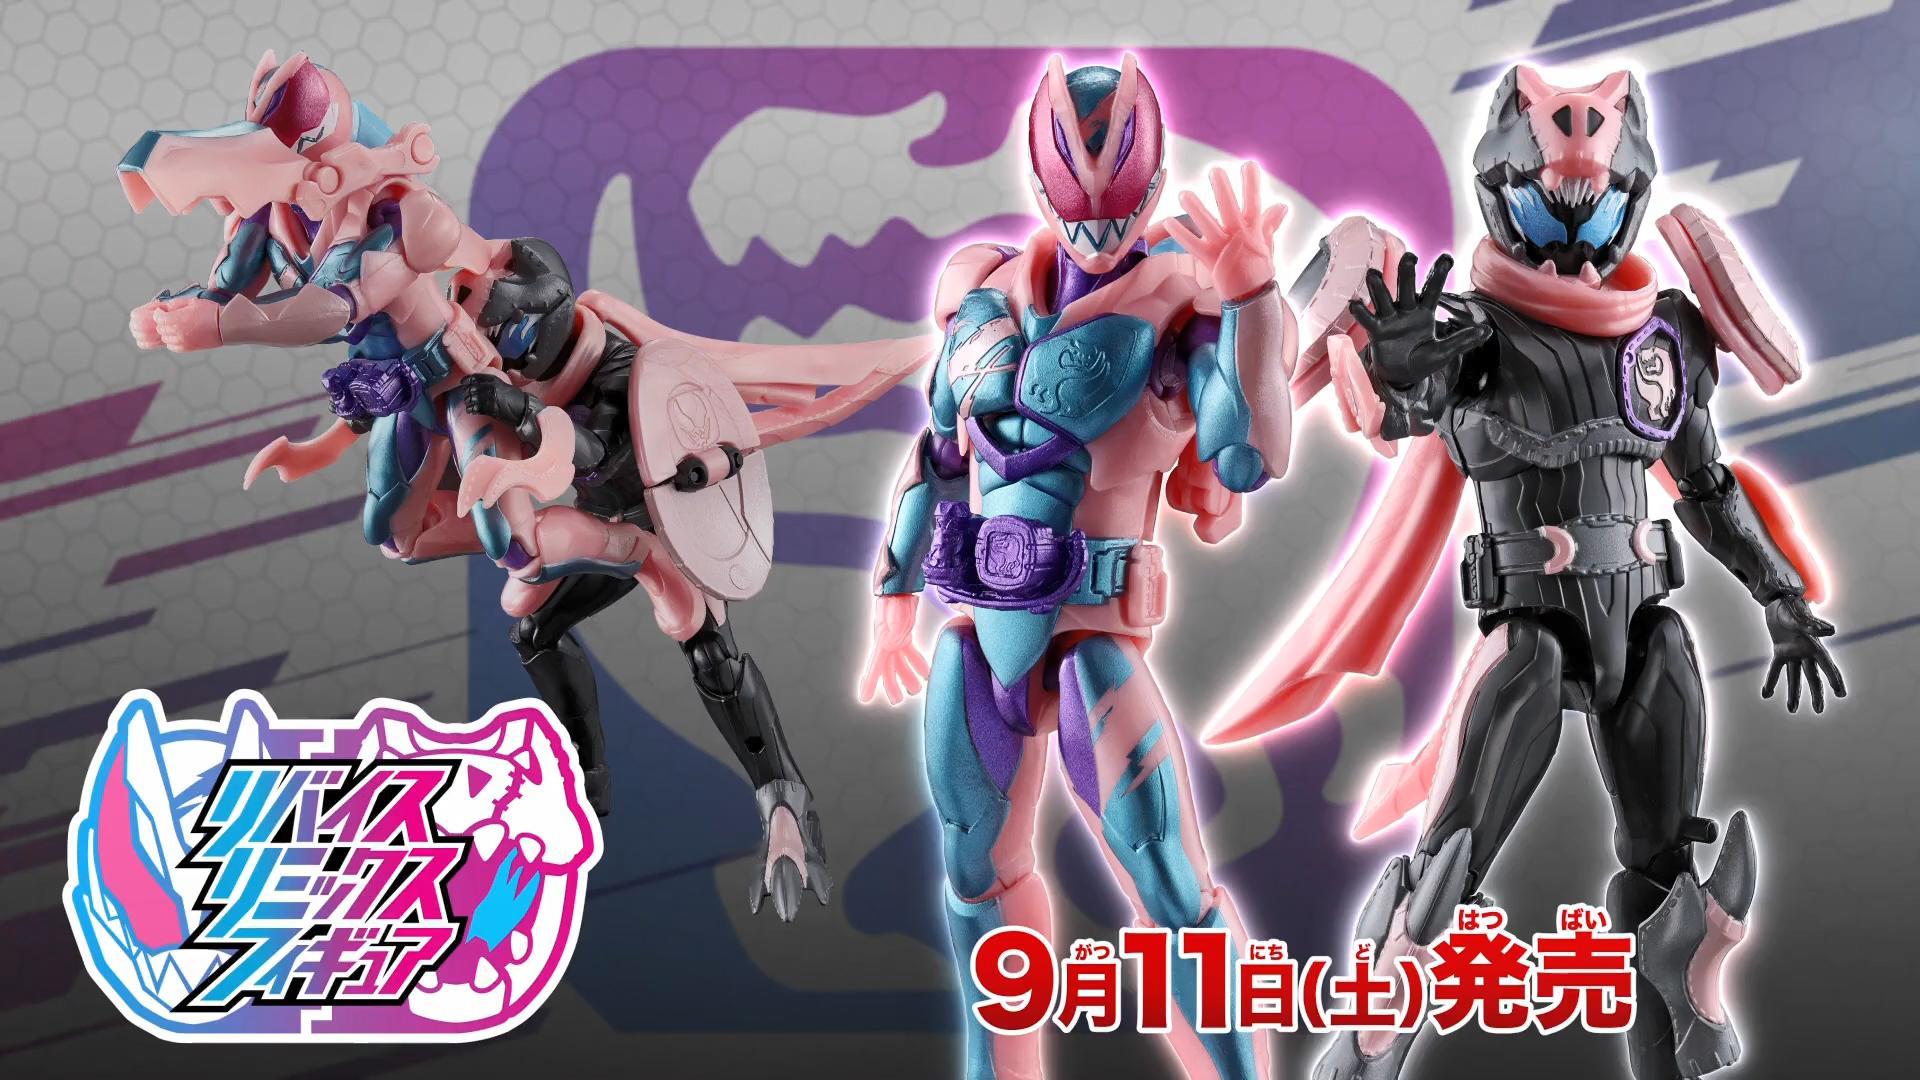 万代新内容《假面骑士revice》DX玩具发布全新CM